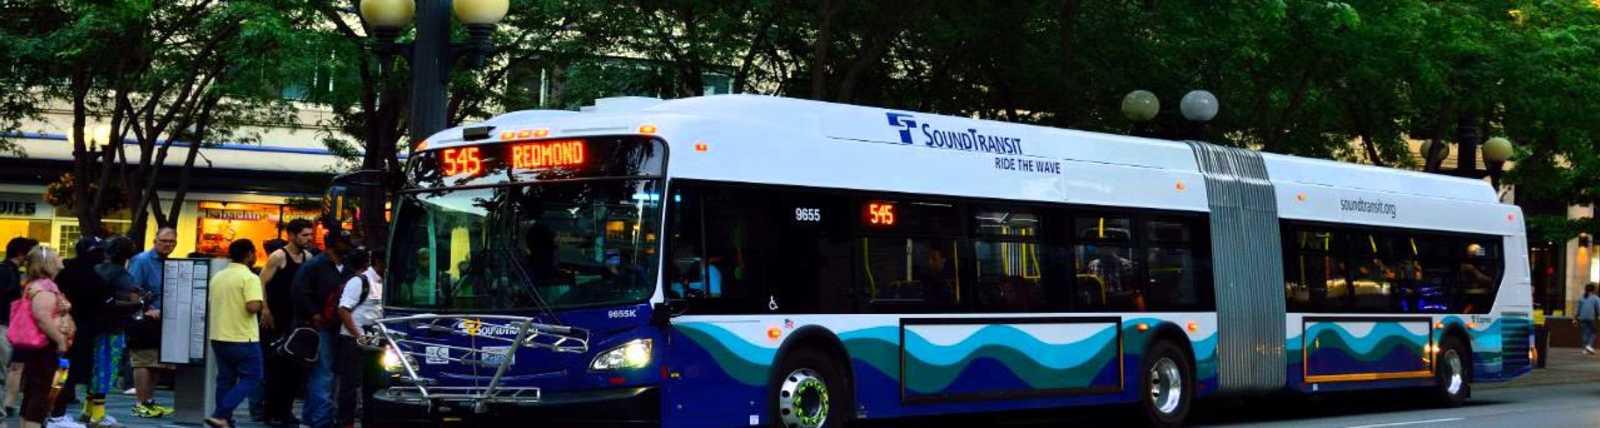 Sound Transit Express Bus